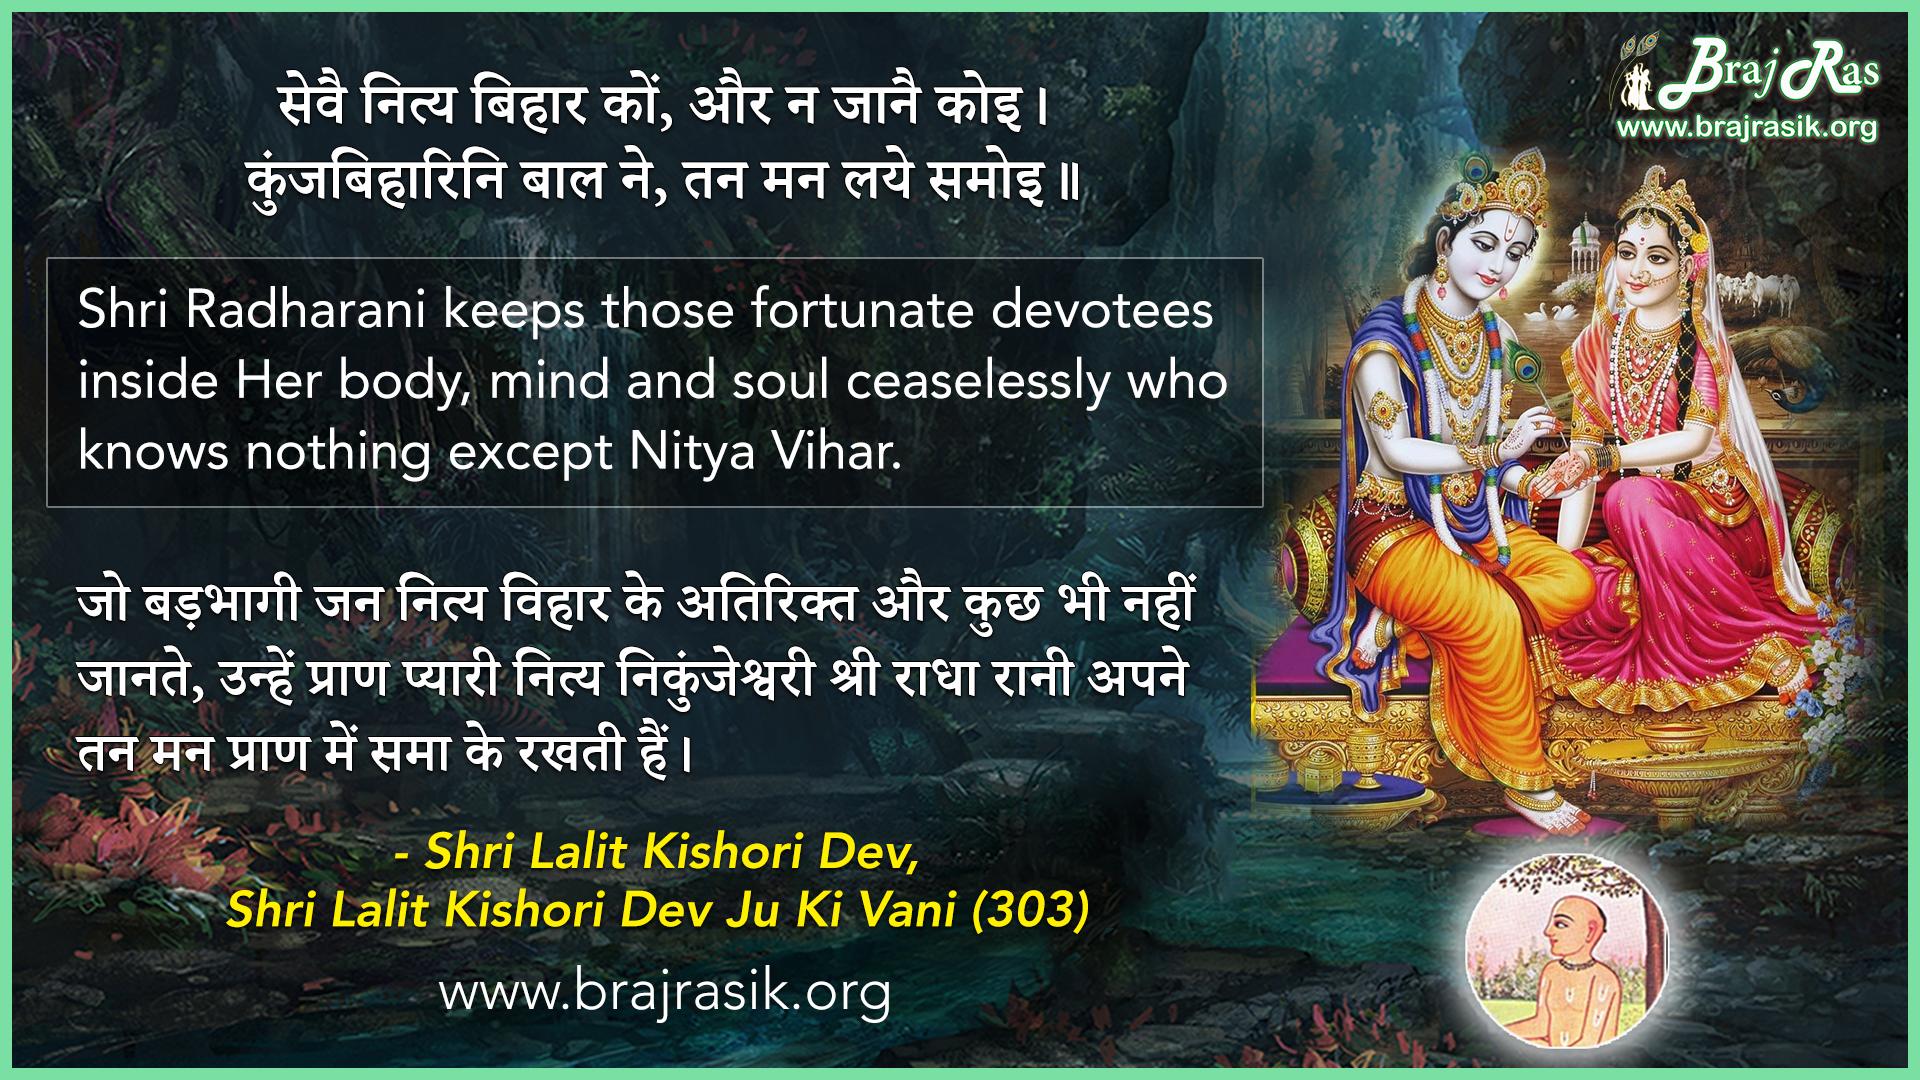 Sevai Nity Bihar Kon, Aur Na Jaanai Koi - Shri Lalit Kishori Dev, Shri Lalit Kishori Dev Ju Ki Vani (303)